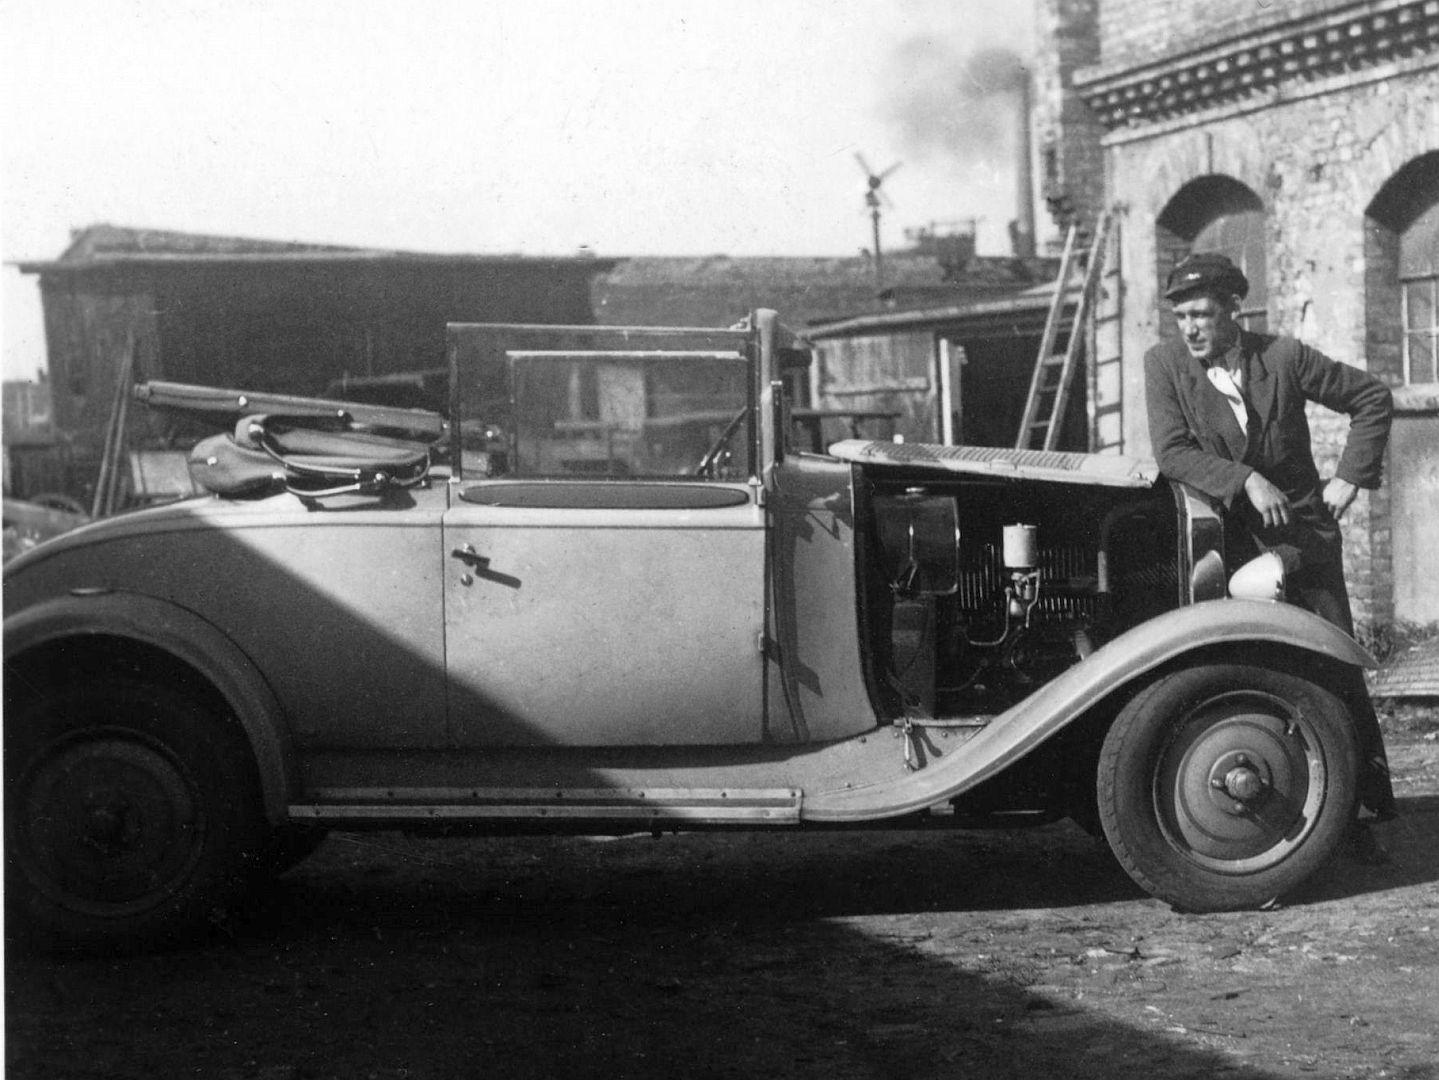 Citroen_C4_Cabriolet_2_1933_Ausschnitt